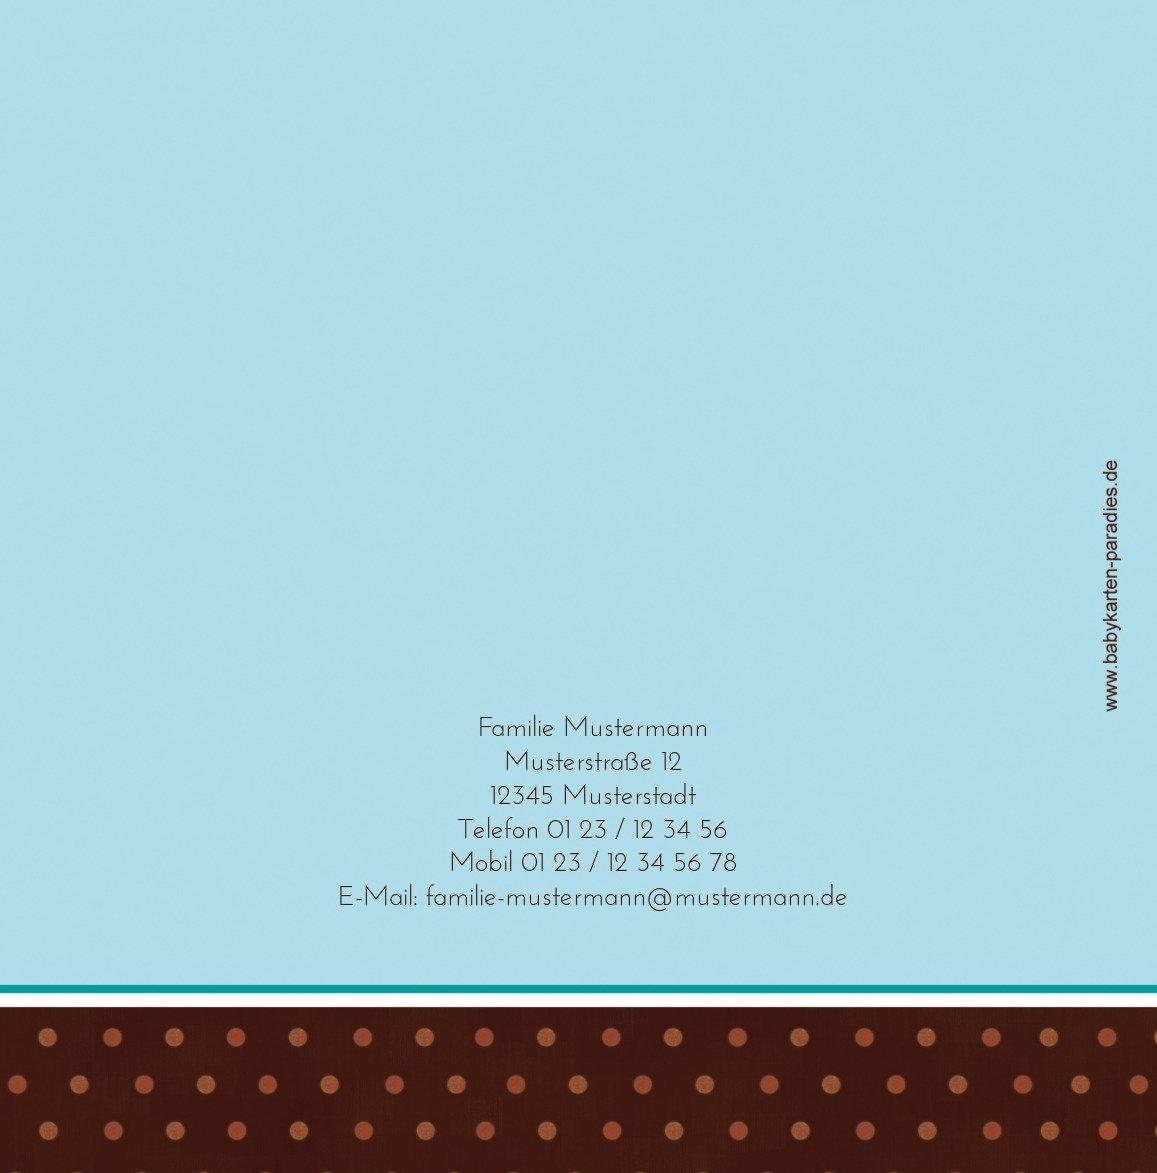 Kartenparadies Einladungskarte Einladungskarte Einladungskarte zur Kommunion Kommunionskarte Kreuzhostie, hochwertige Einladung als Kommunionskarte inklusive Umschläge   10 Karten - (Format  145x145 mm) Farbe  MattGrün B01MZFQJRC | Der neueste Stil  | Verschiedene Arten Und D 21da5d